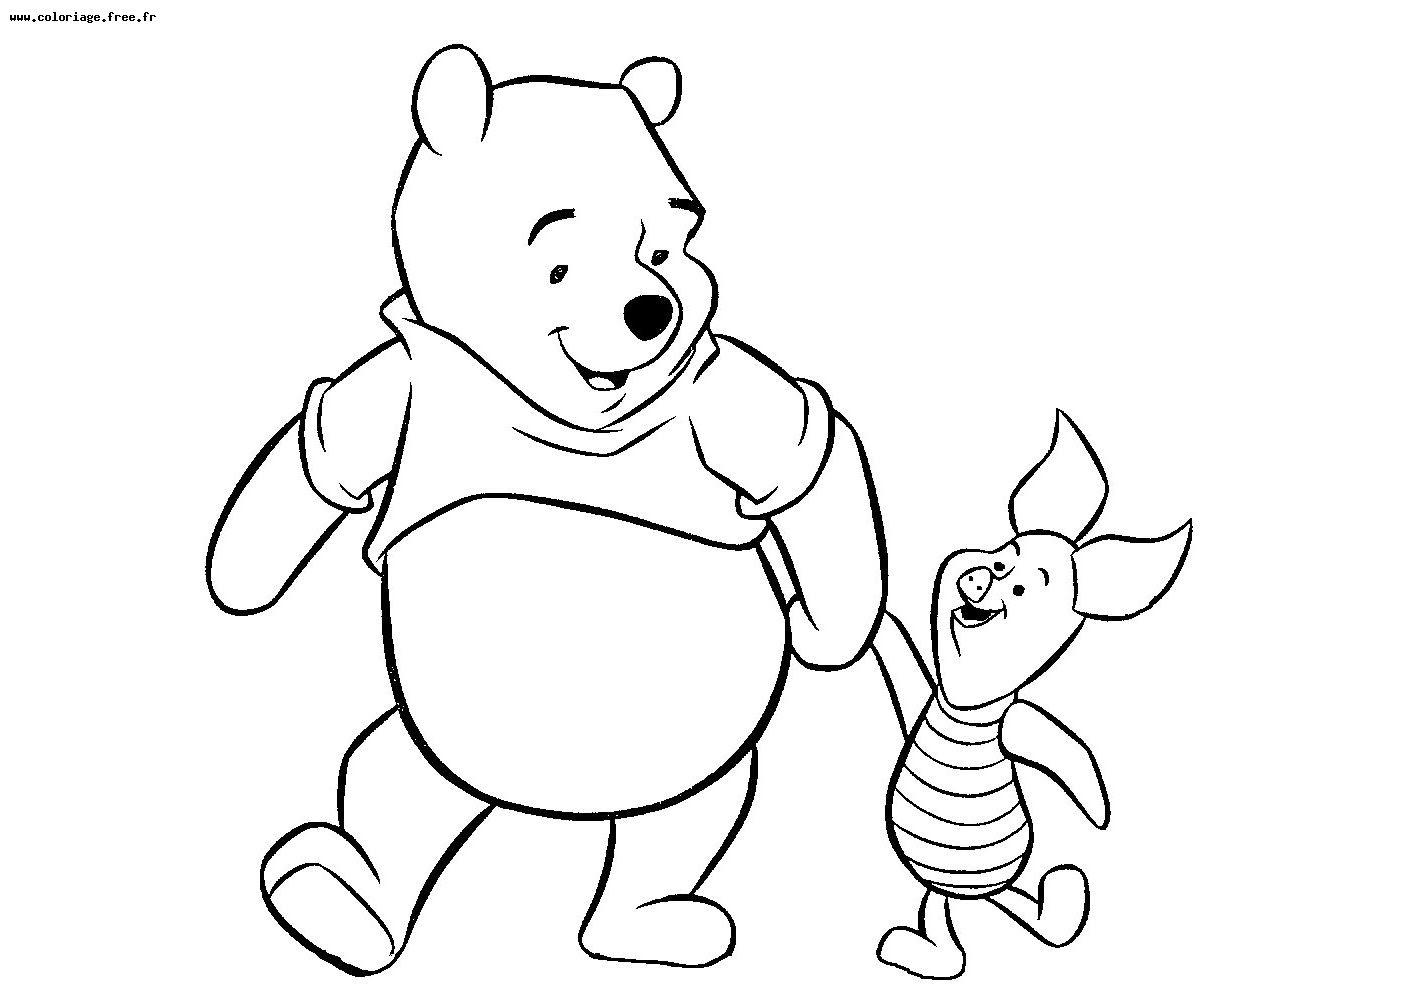 Coloriage  imprimer Personnages cél¨bres Walt Disney Winnie l ourson numéro